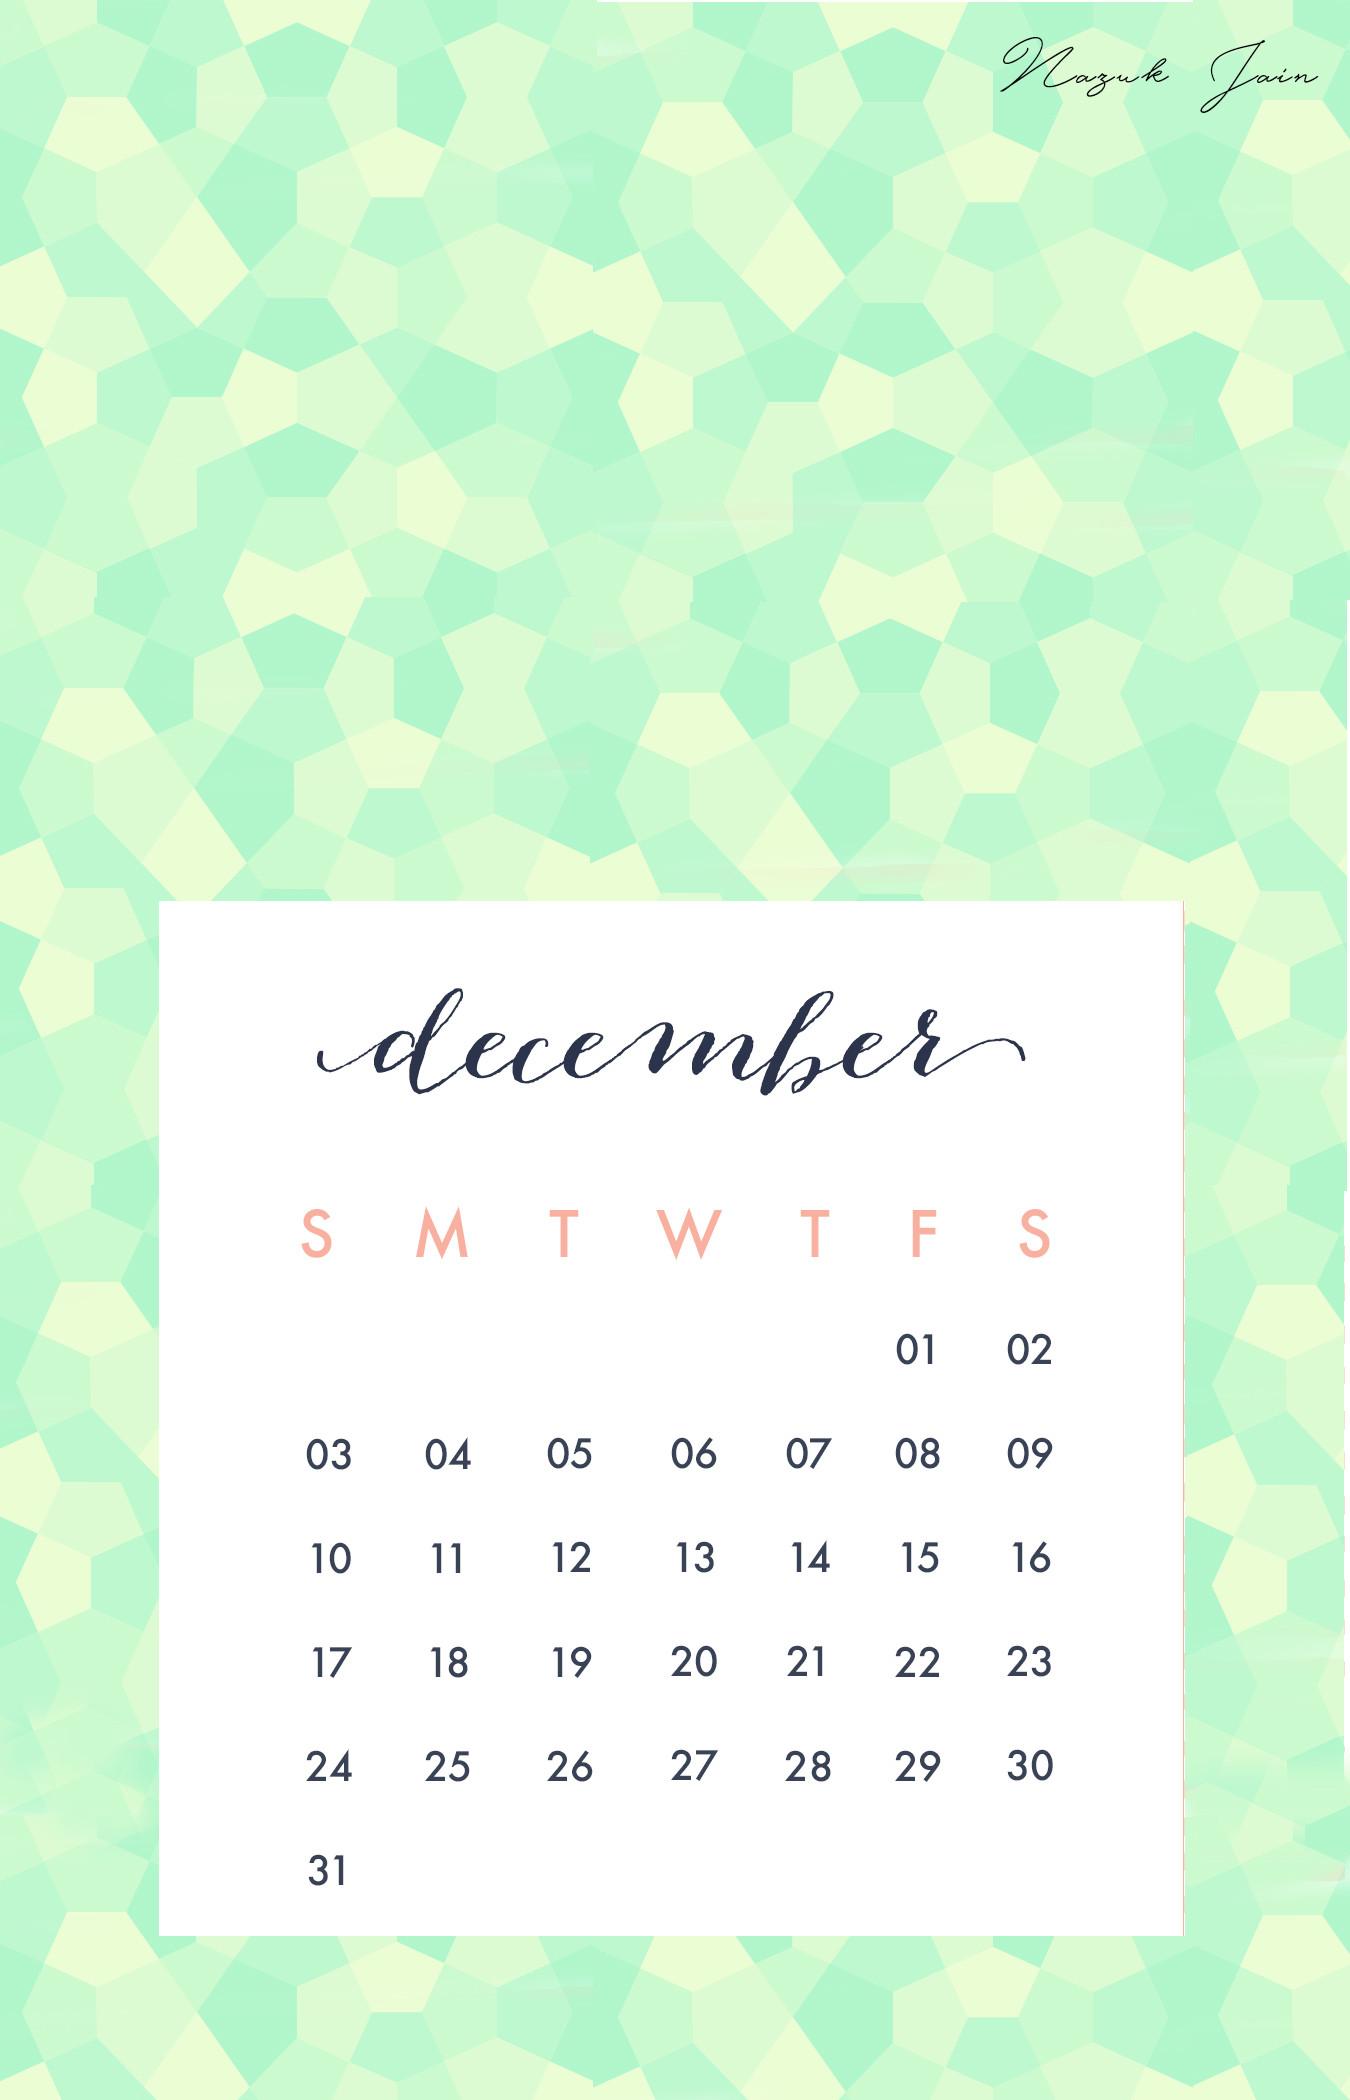 Desktop Calendar Wallpaper With Reminder : Desktop wallpapers calendar december ·①